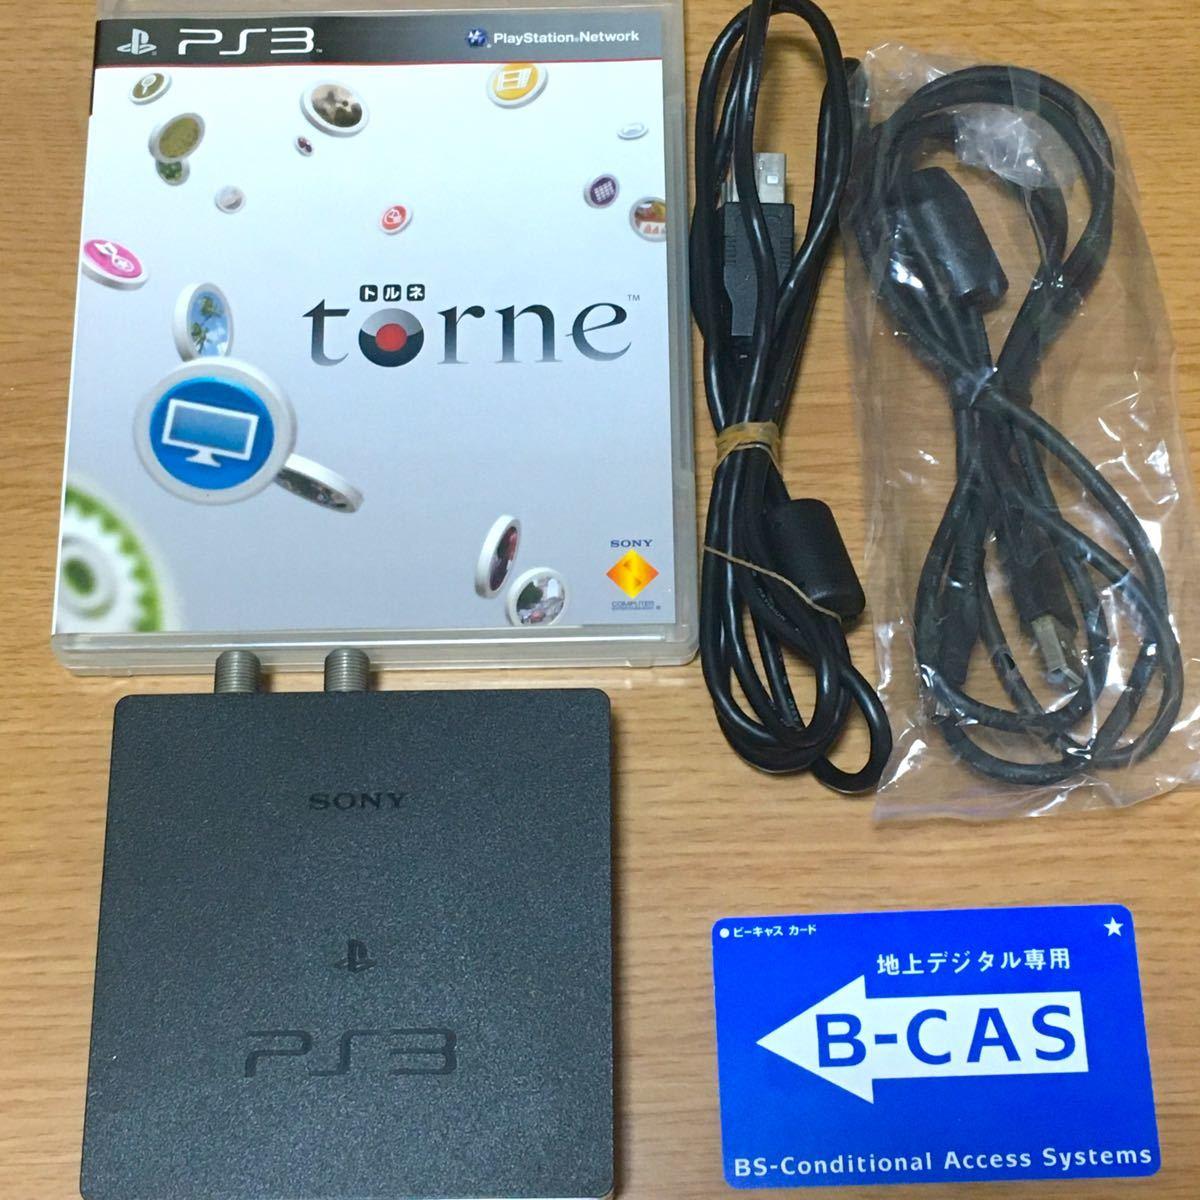 断捨離 SONY PS3本体 CECH-3000A とPSVITA本体とPlayStation moveとソフト多数セット